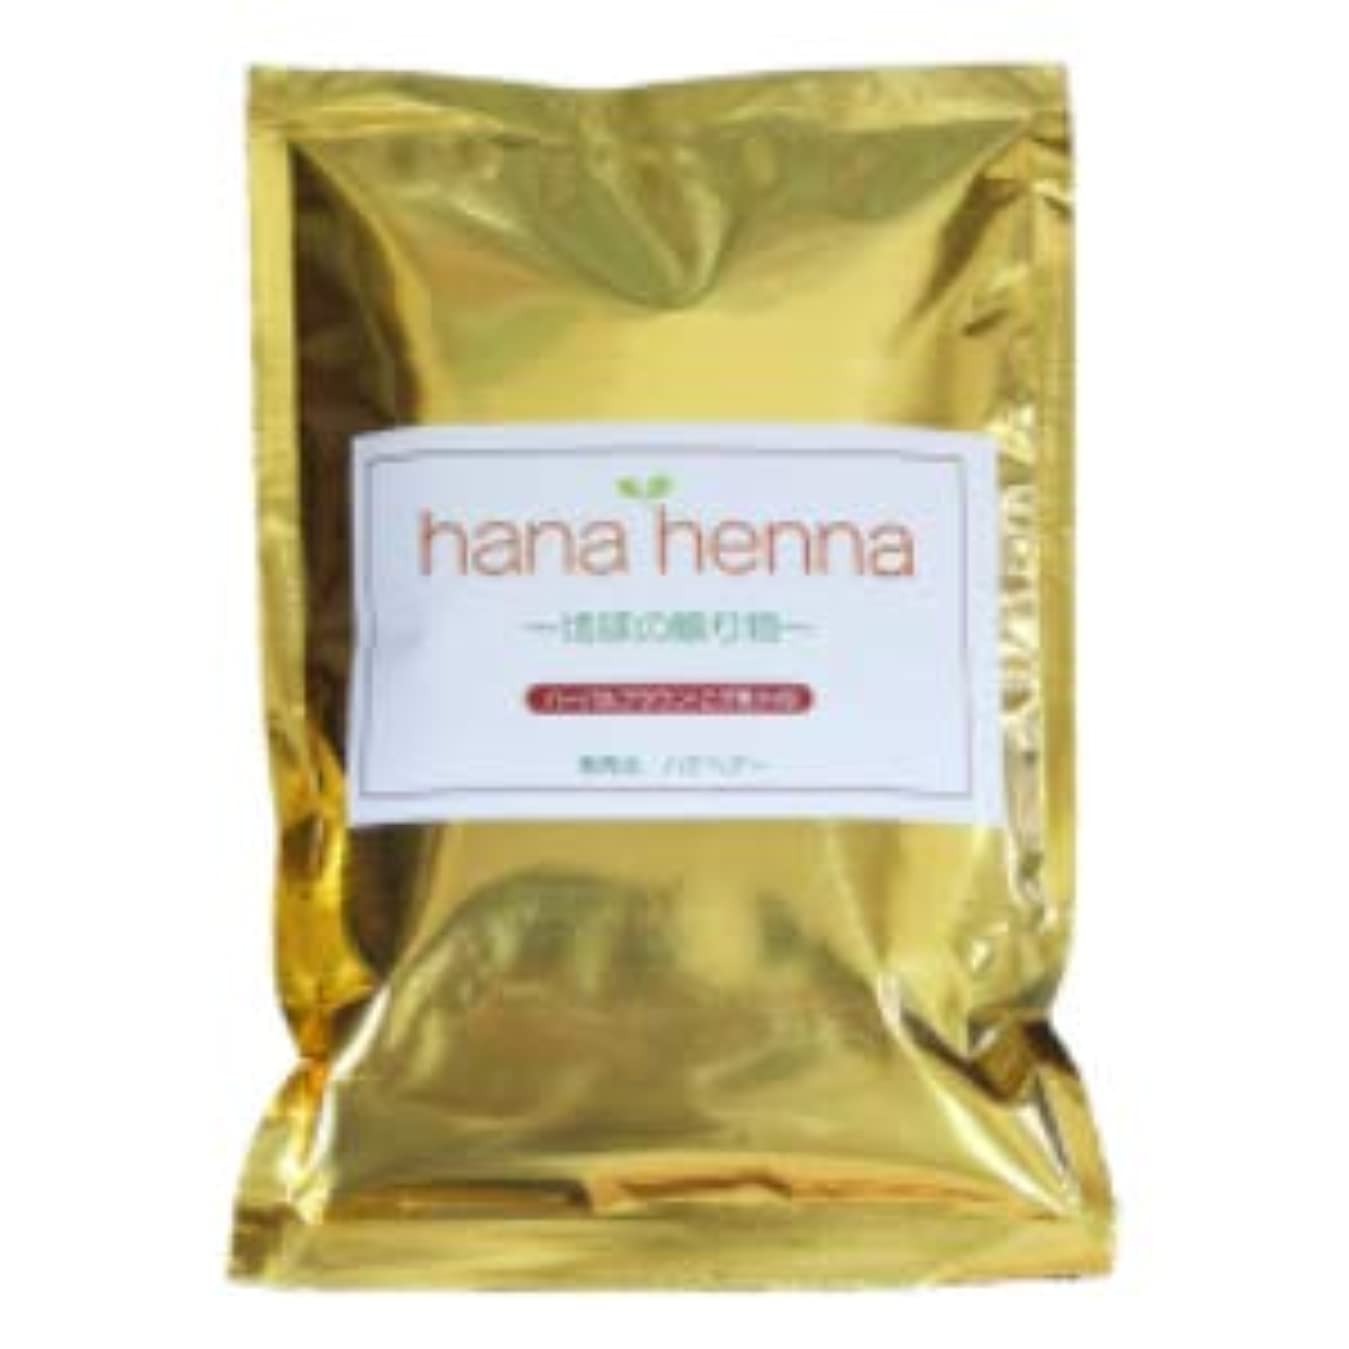 ビール良心的真実に?hana henna?ハナヘナ ハーバルブラウン(こげ茶) (100g)